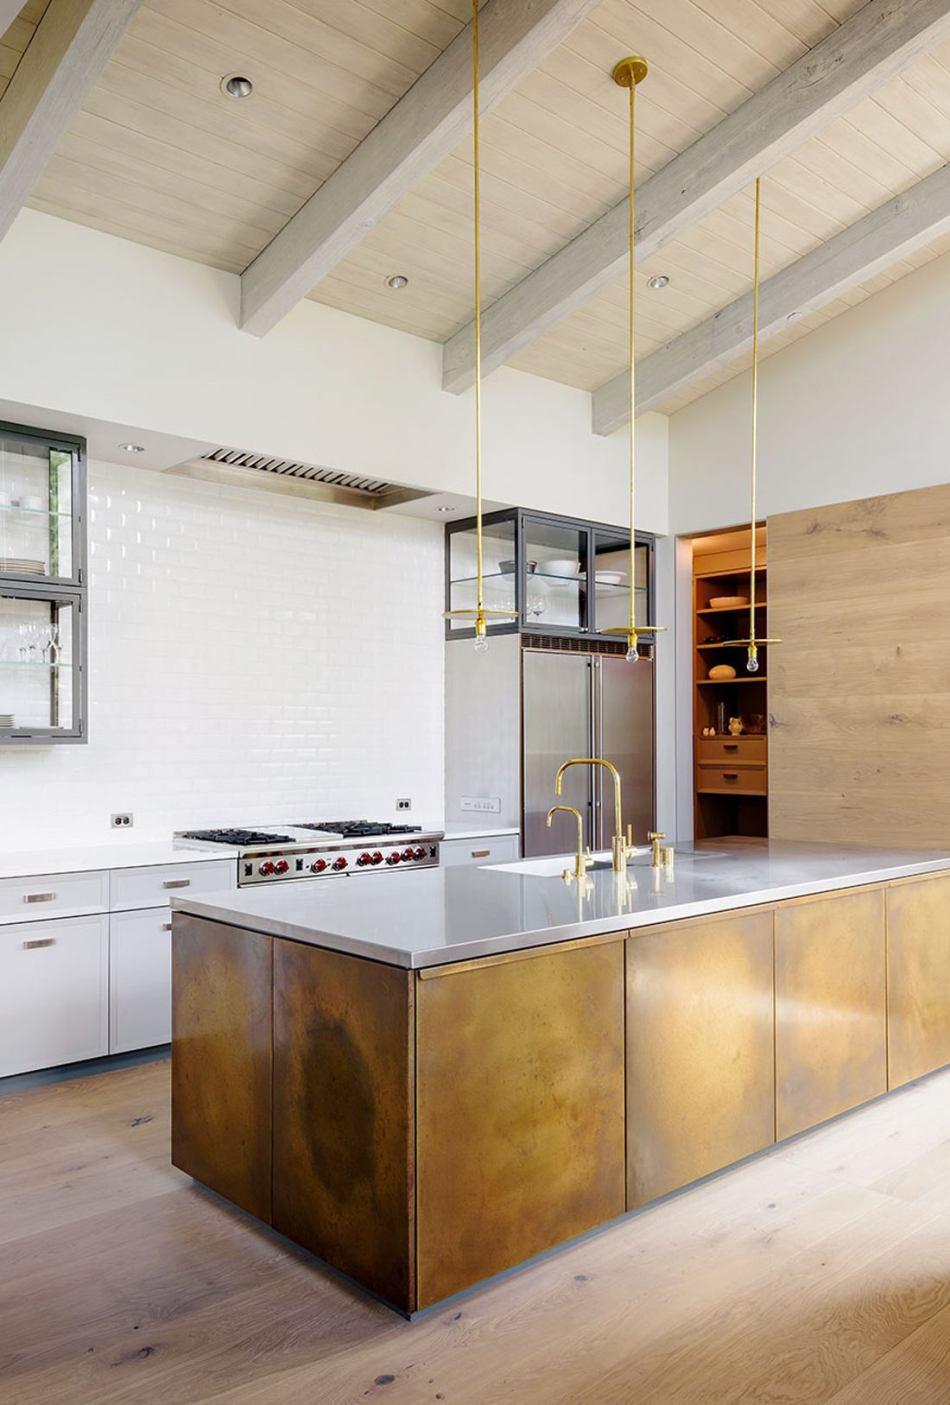 tumble-creek-kitchen-by-maryika-spaces-3